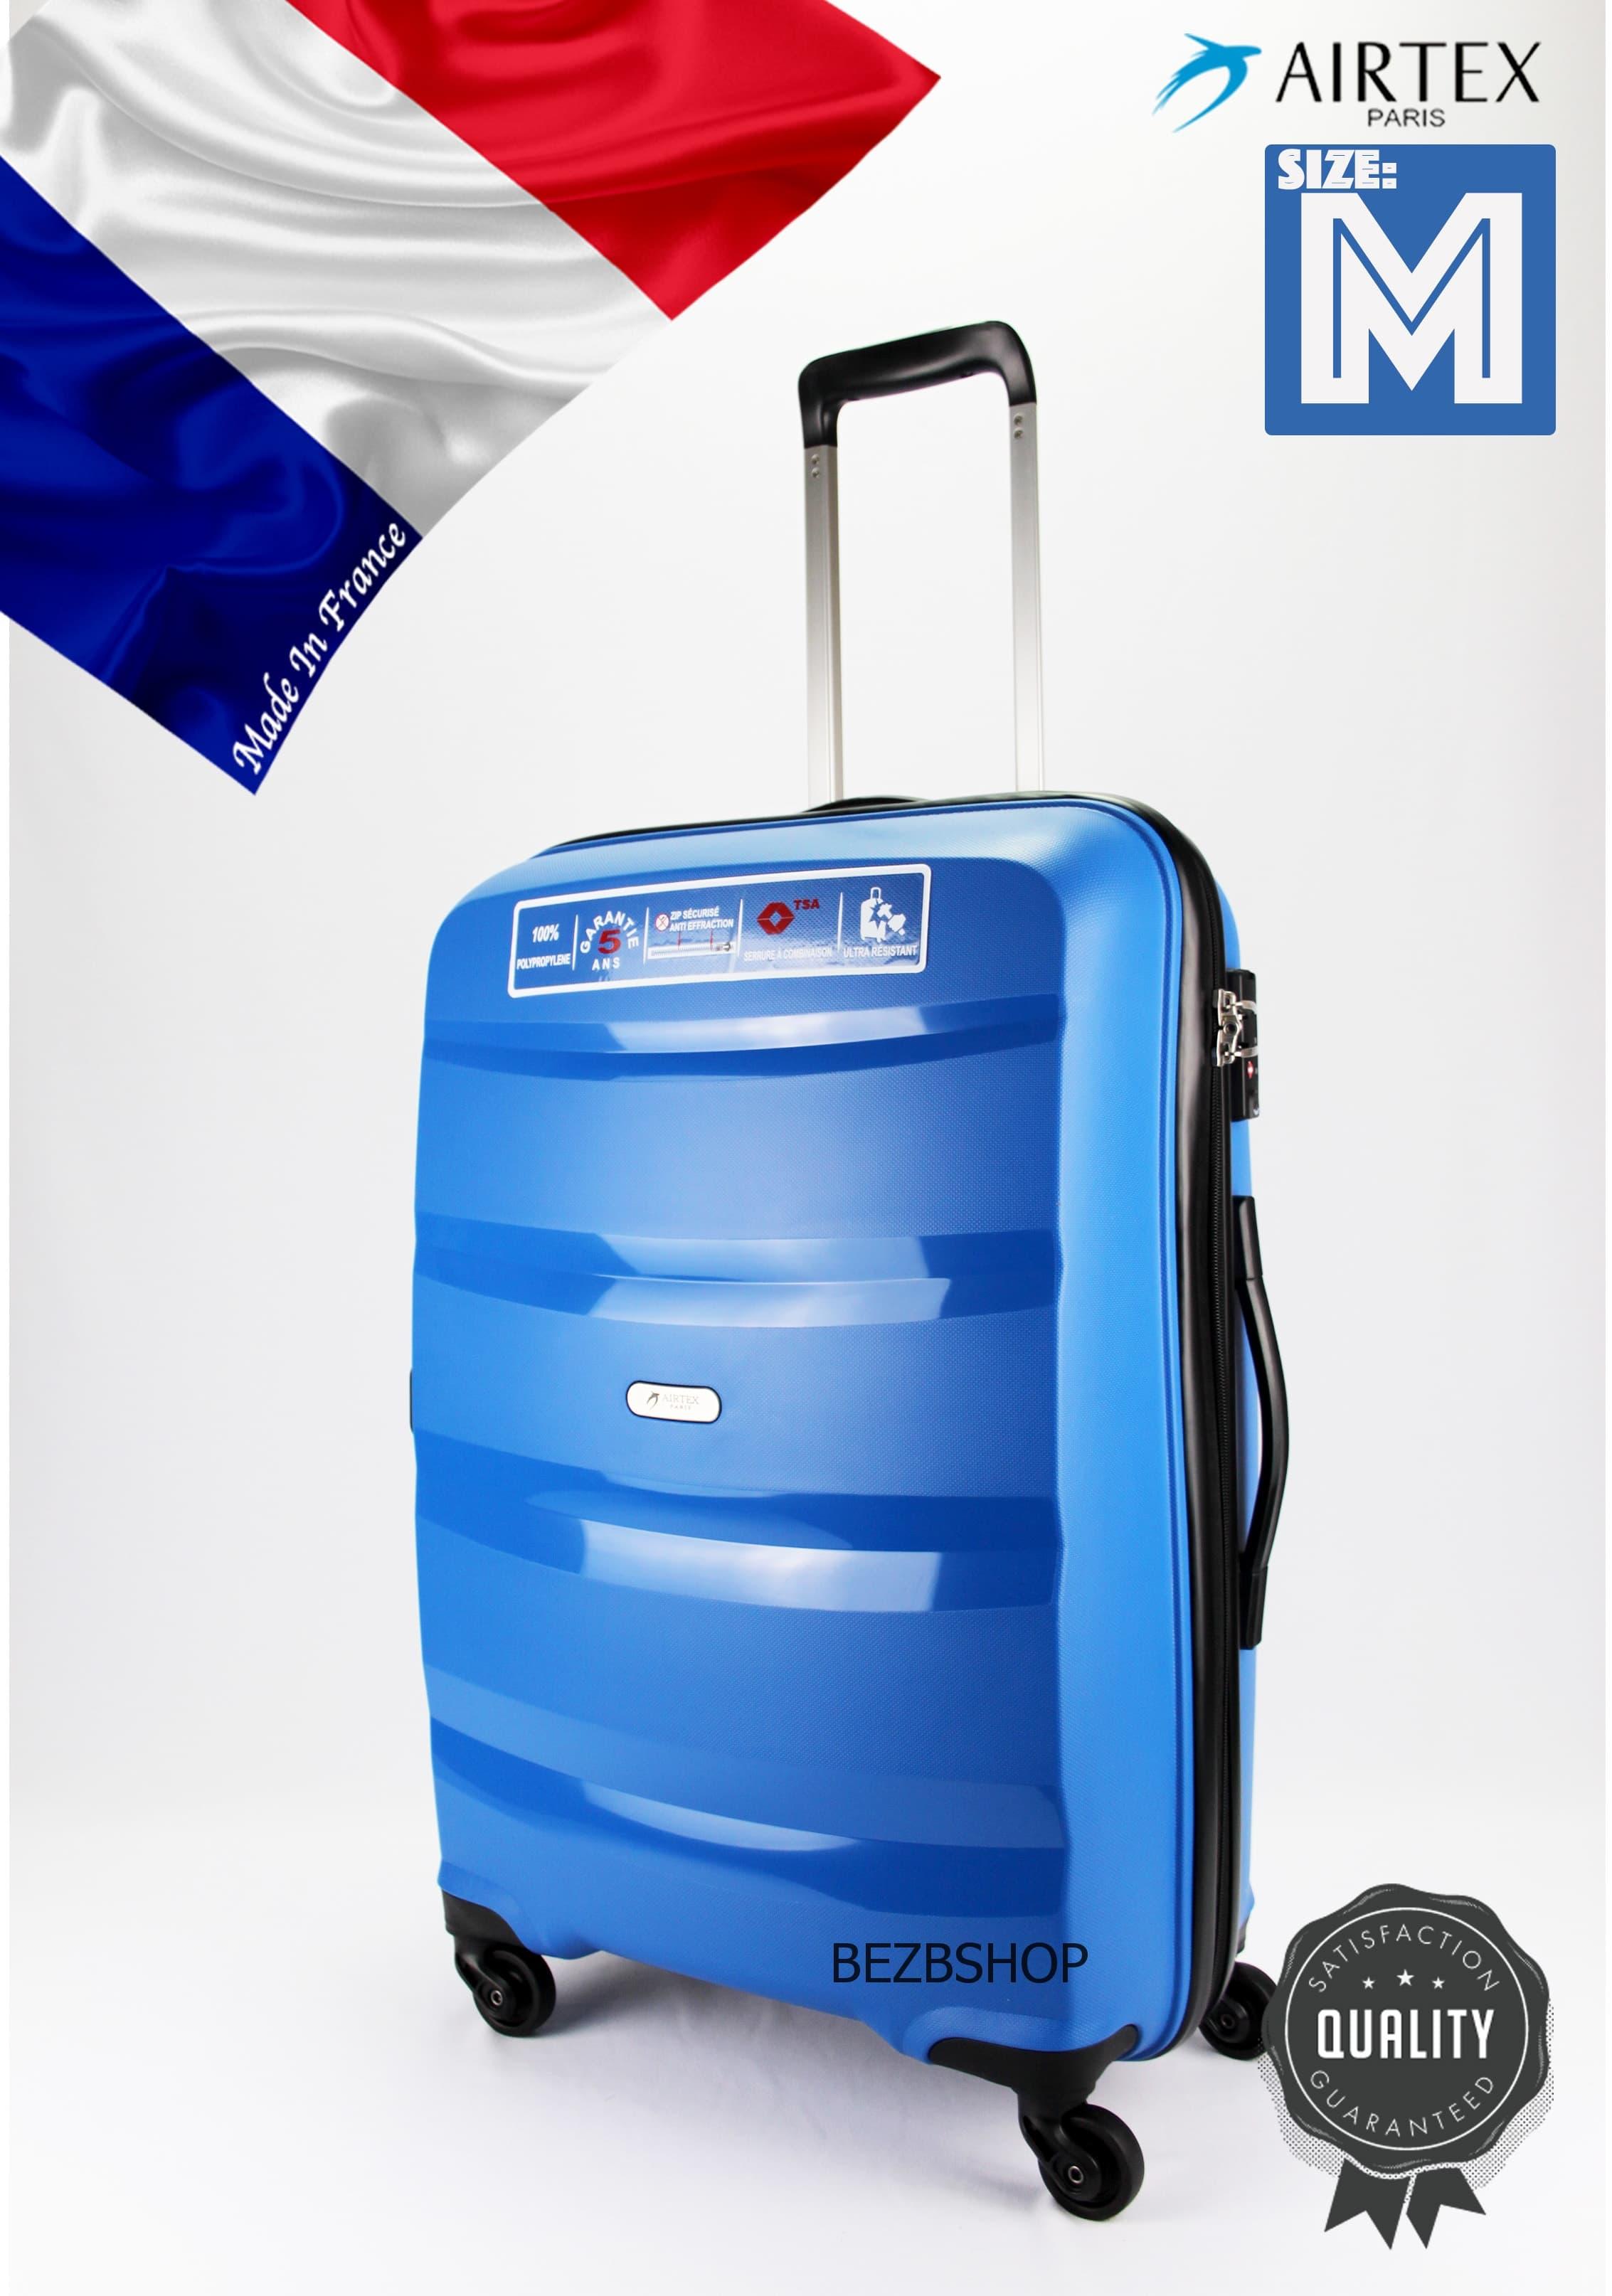 Valiza franceza rezistenta la lovituri din Polypropilen Medie cu 4 roti  Pt bagaj,pina la 18 kg